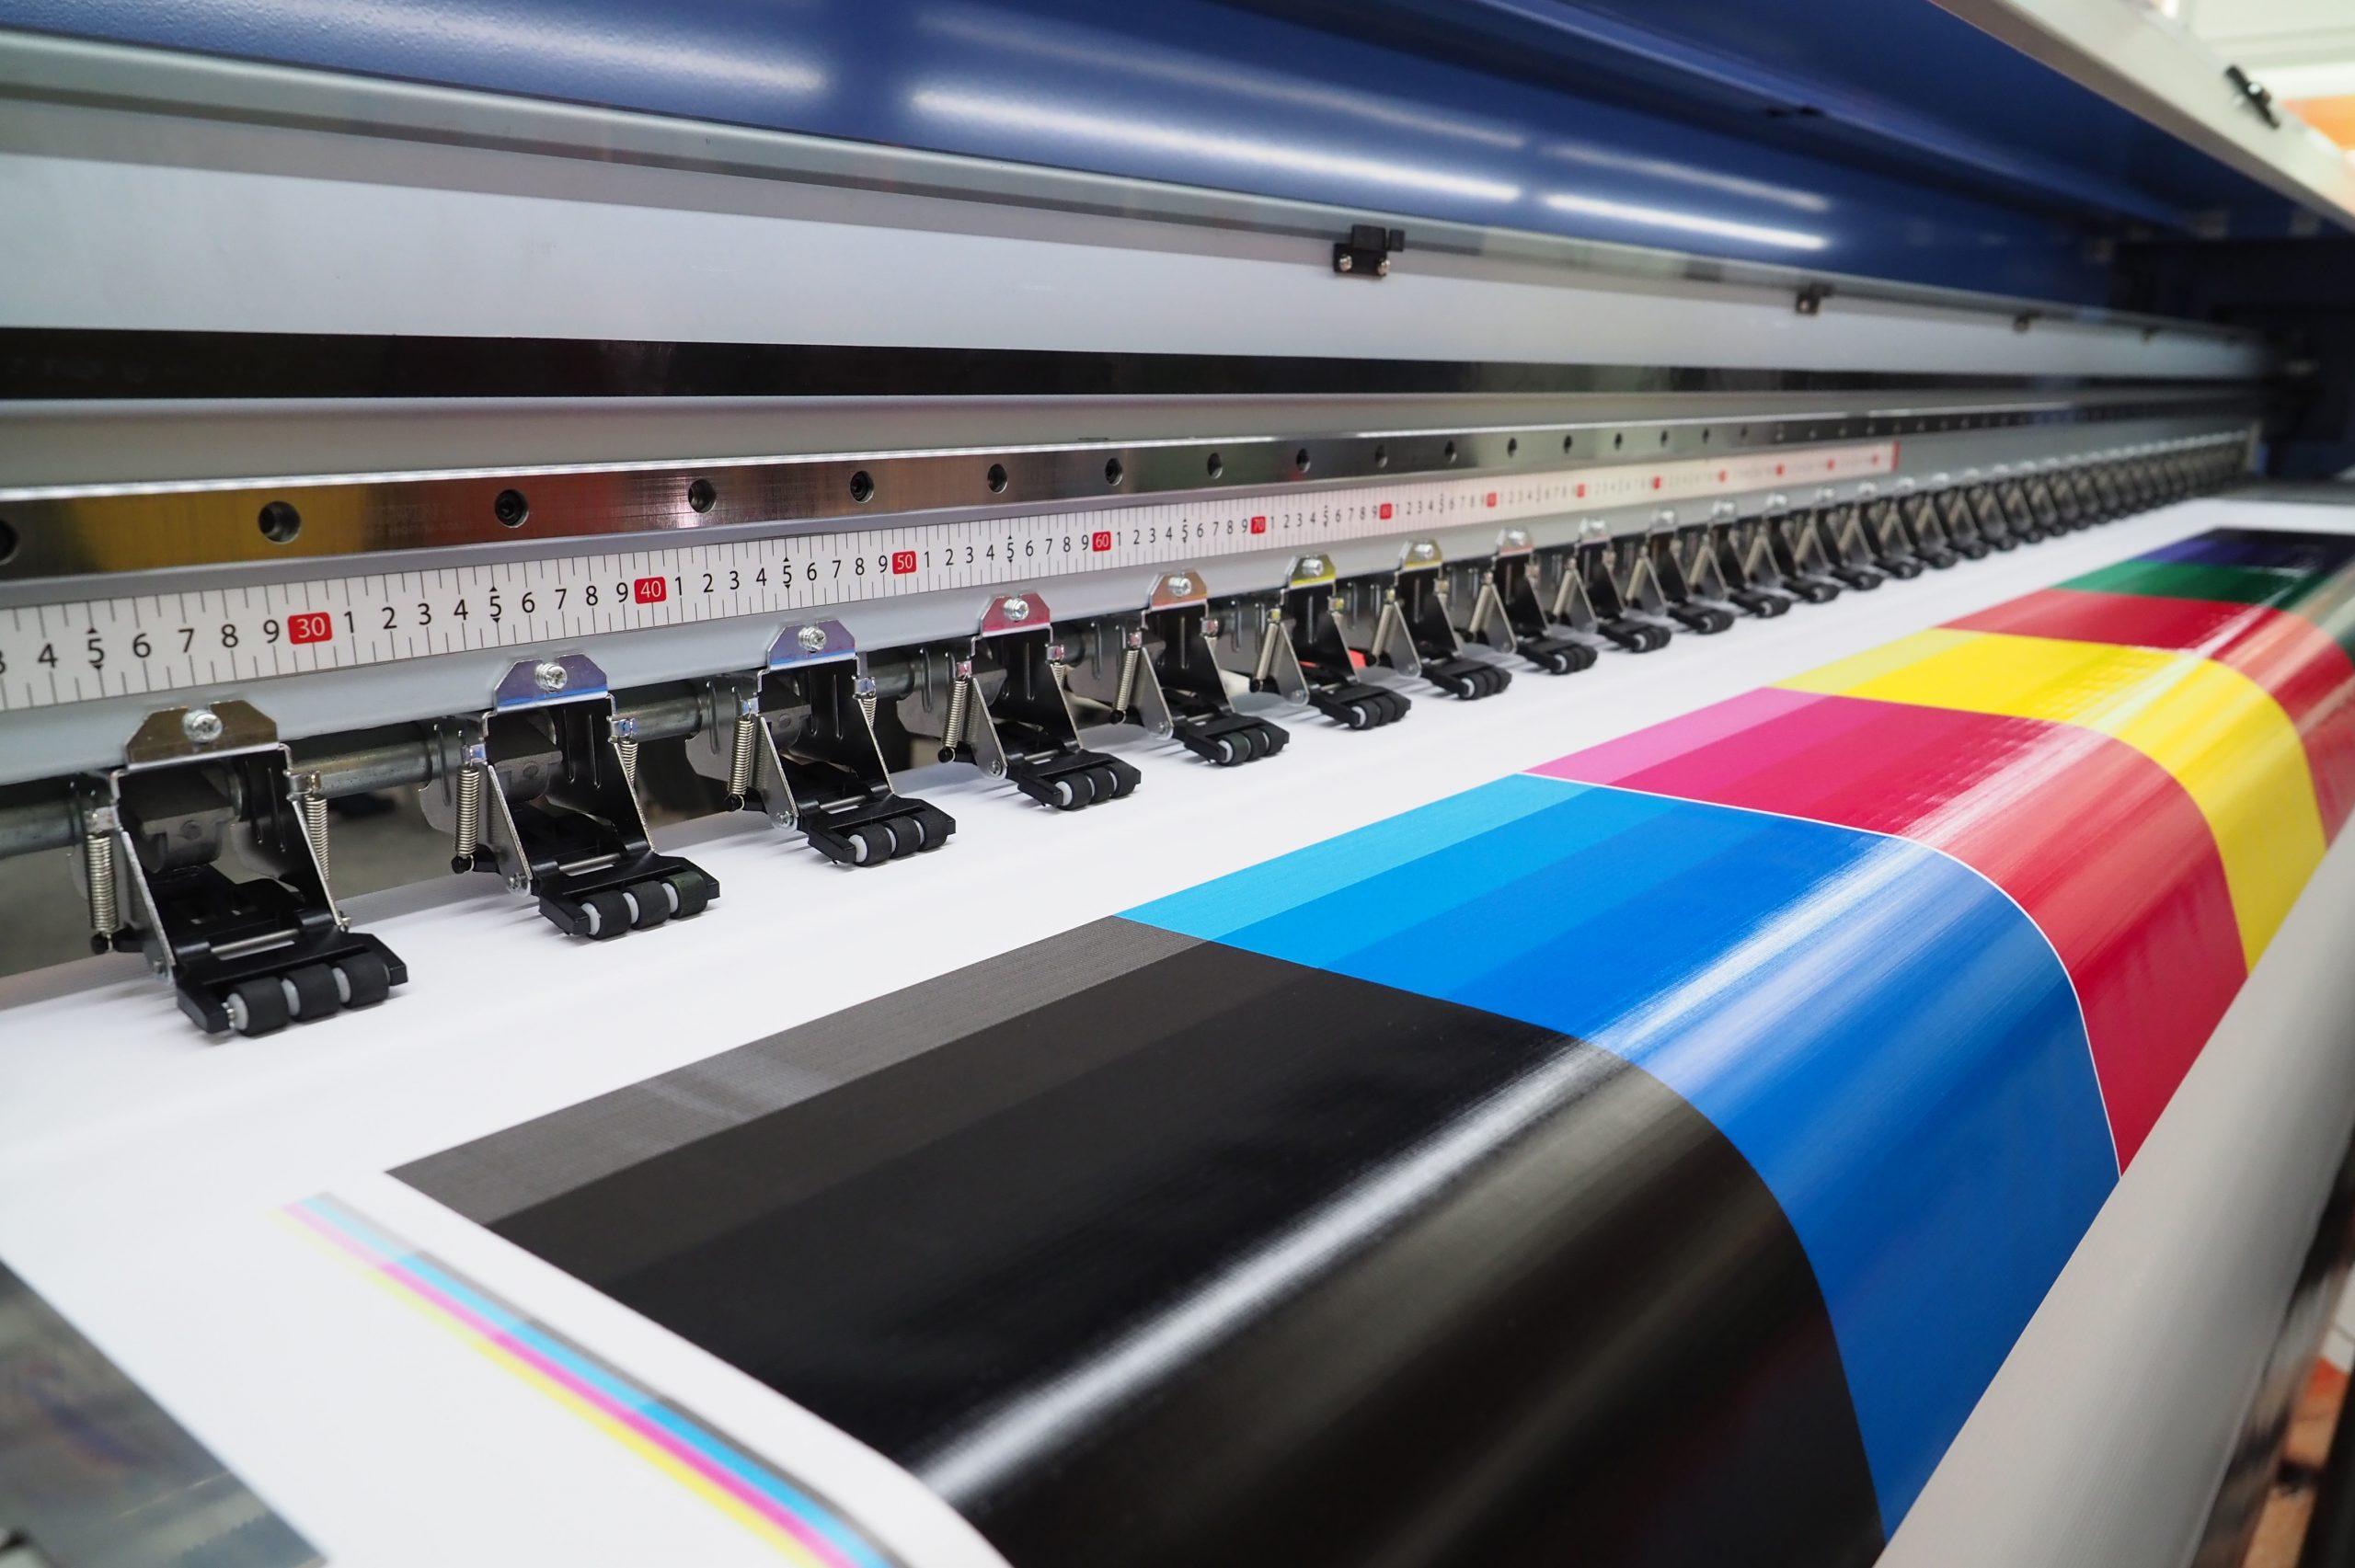 impressão digital, plotter de impressão digital, impressão digital em lona